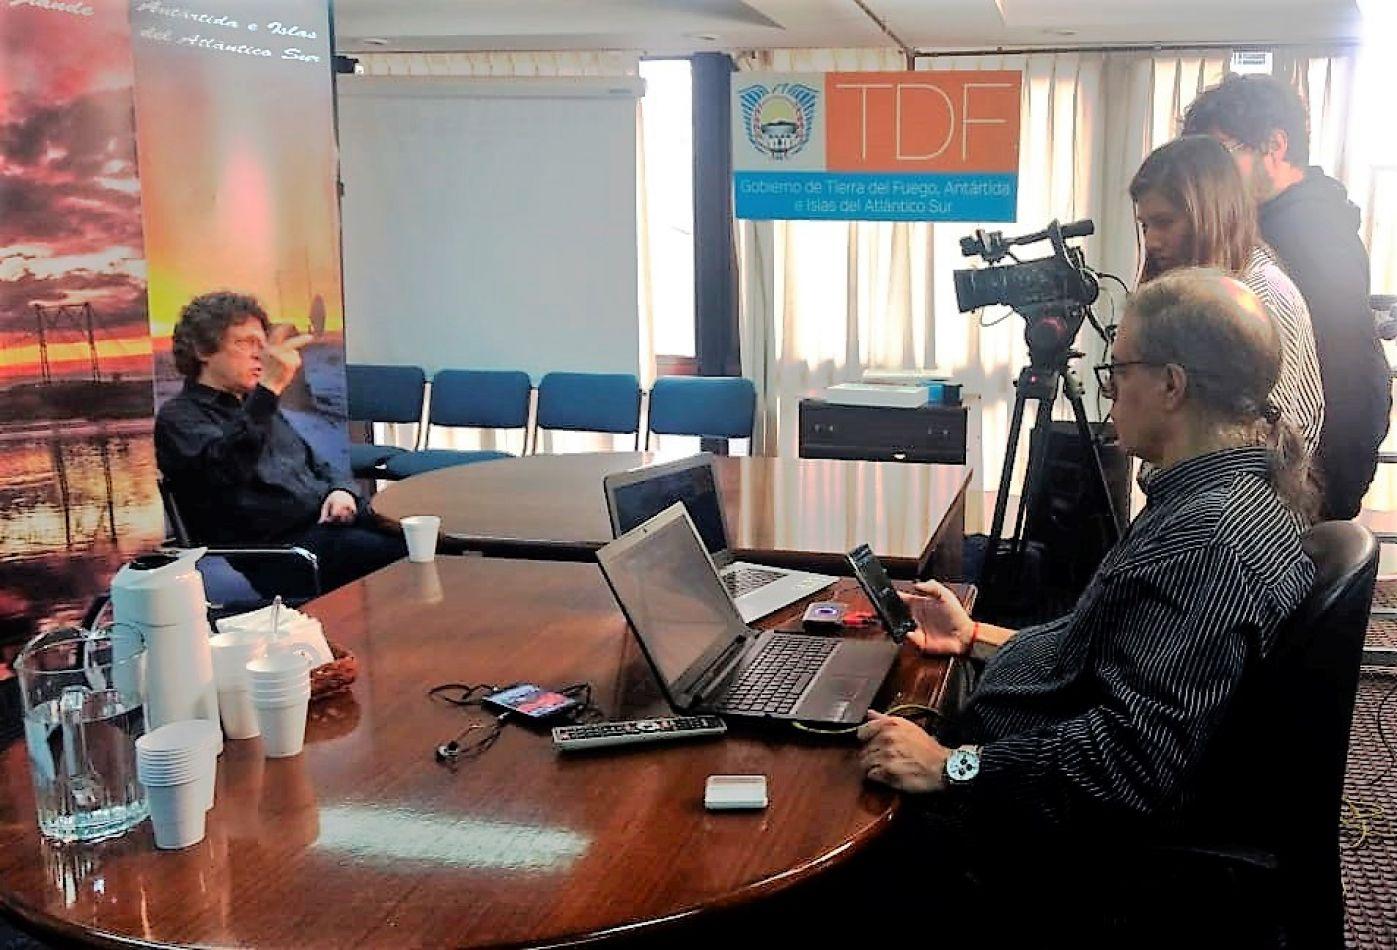 Primera transmisión en vivo de la TV pública fueguina desde Bs. As.